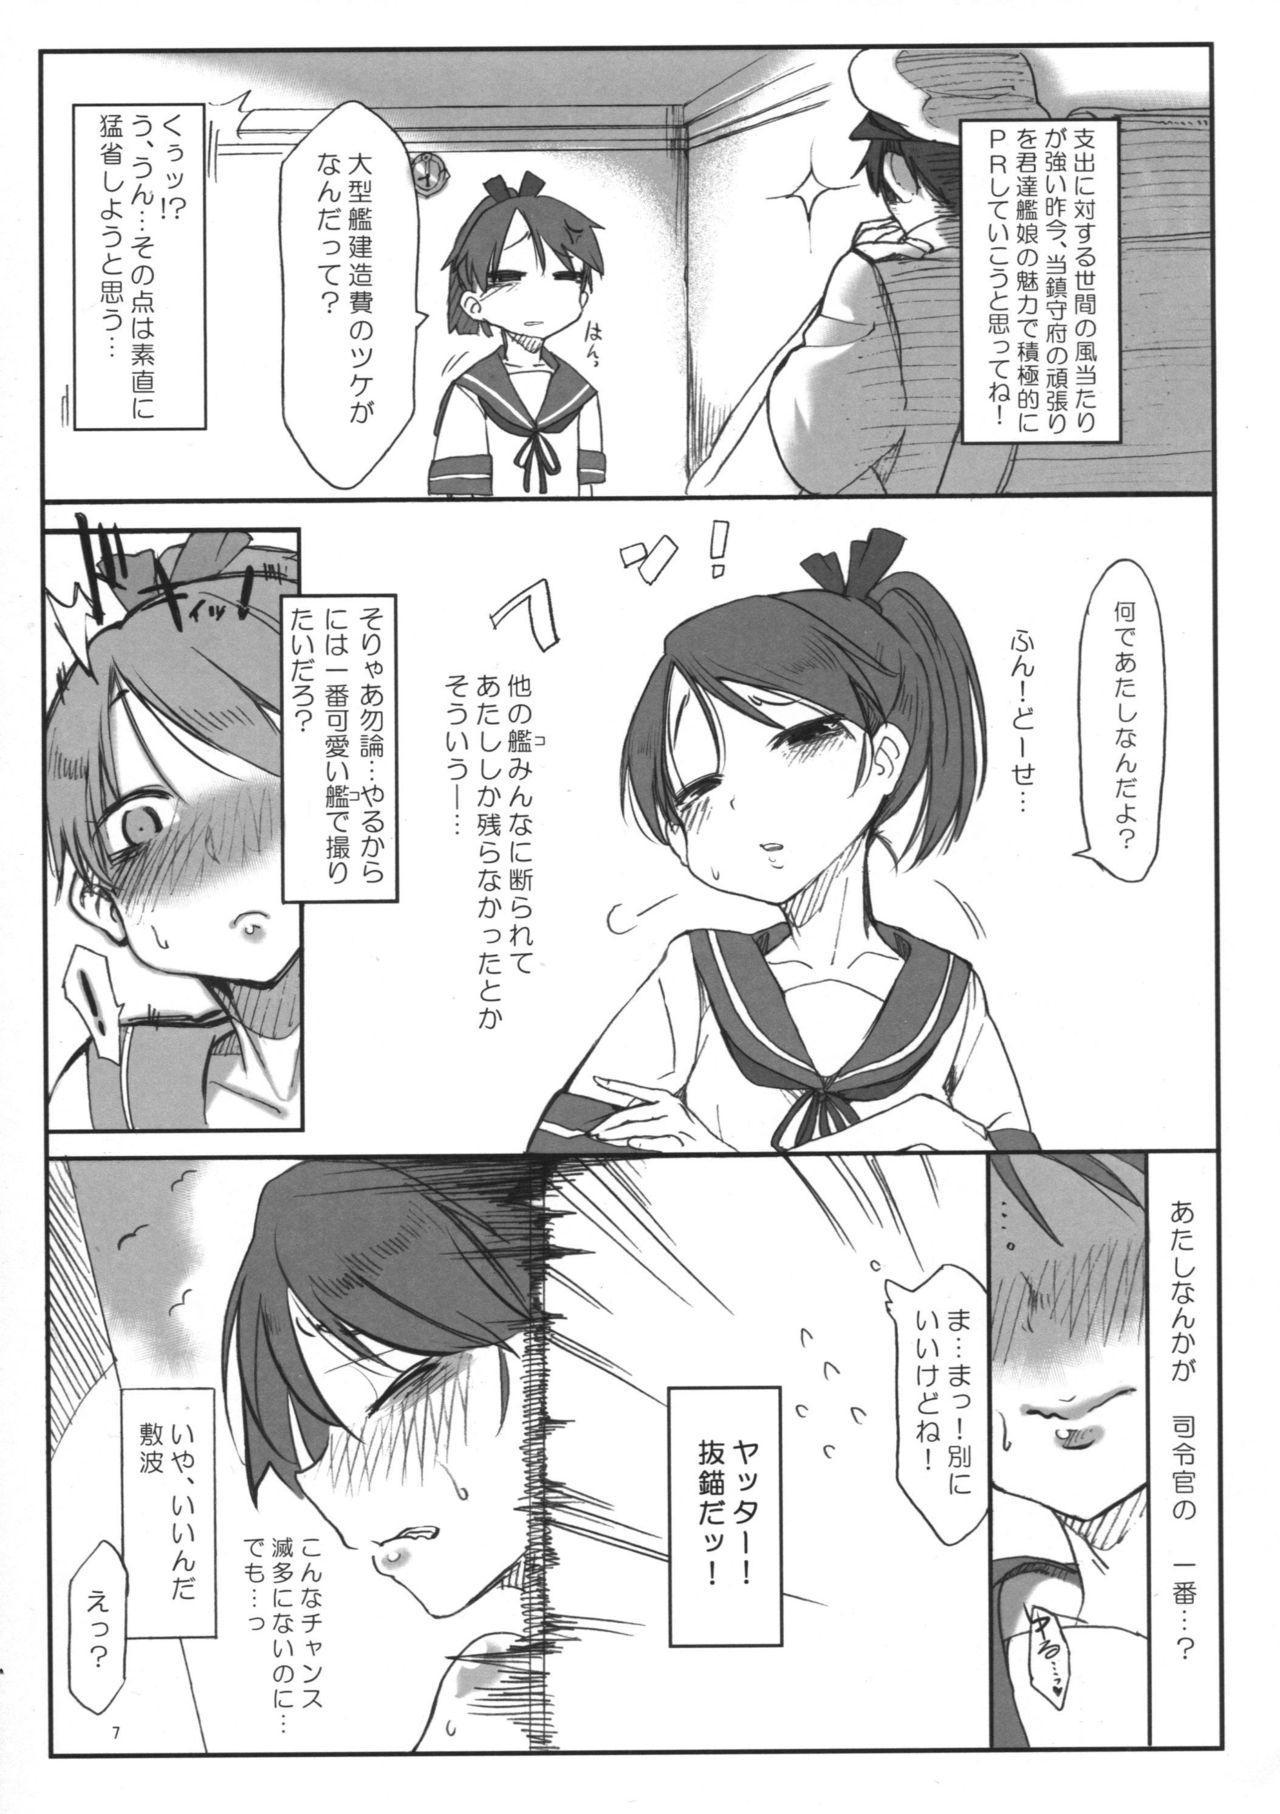 Hentai Selection 5